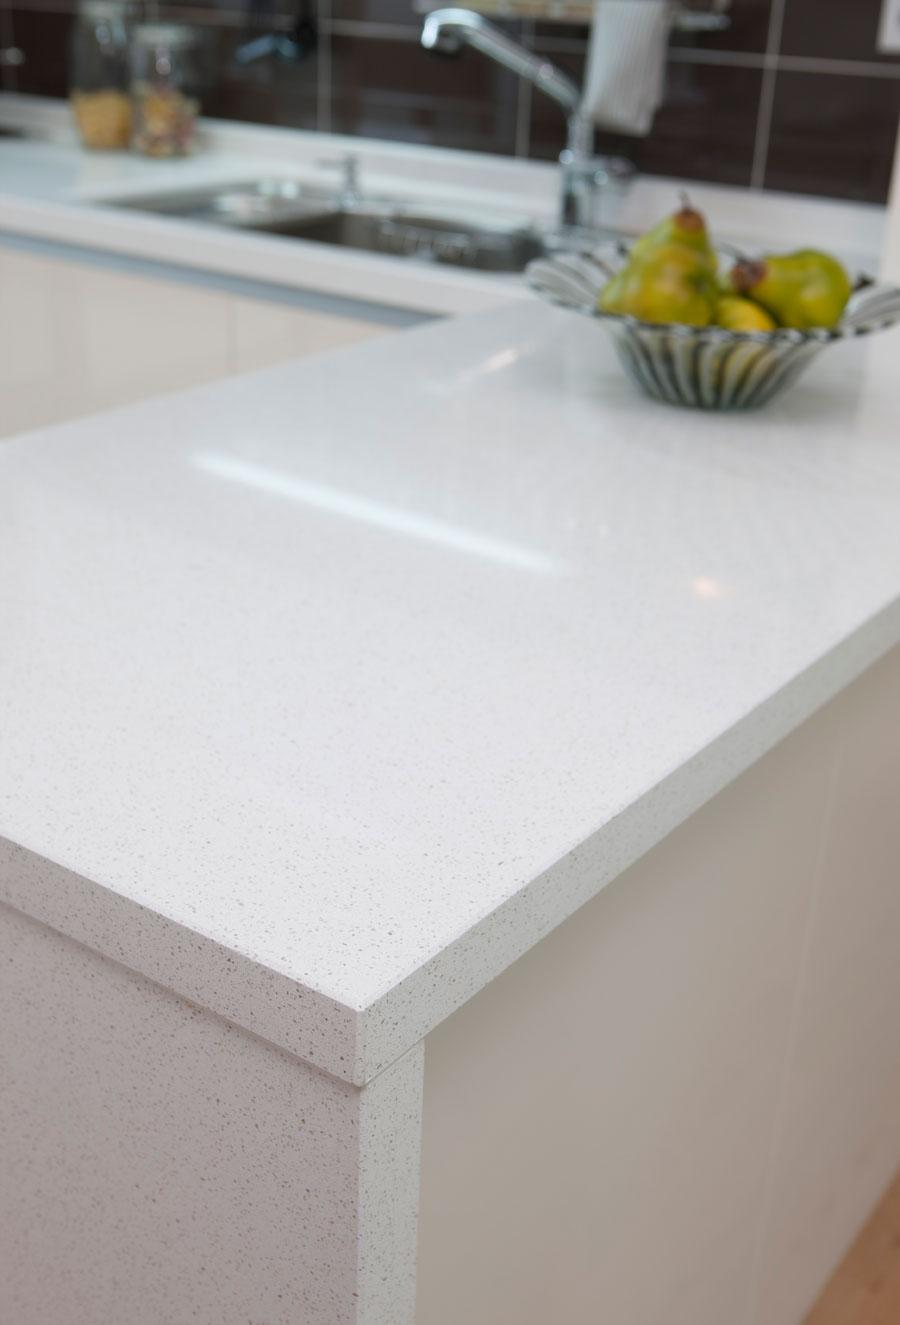 Benyeequartz stone white quartz price chinese supplier for Are all quartz countertops the same